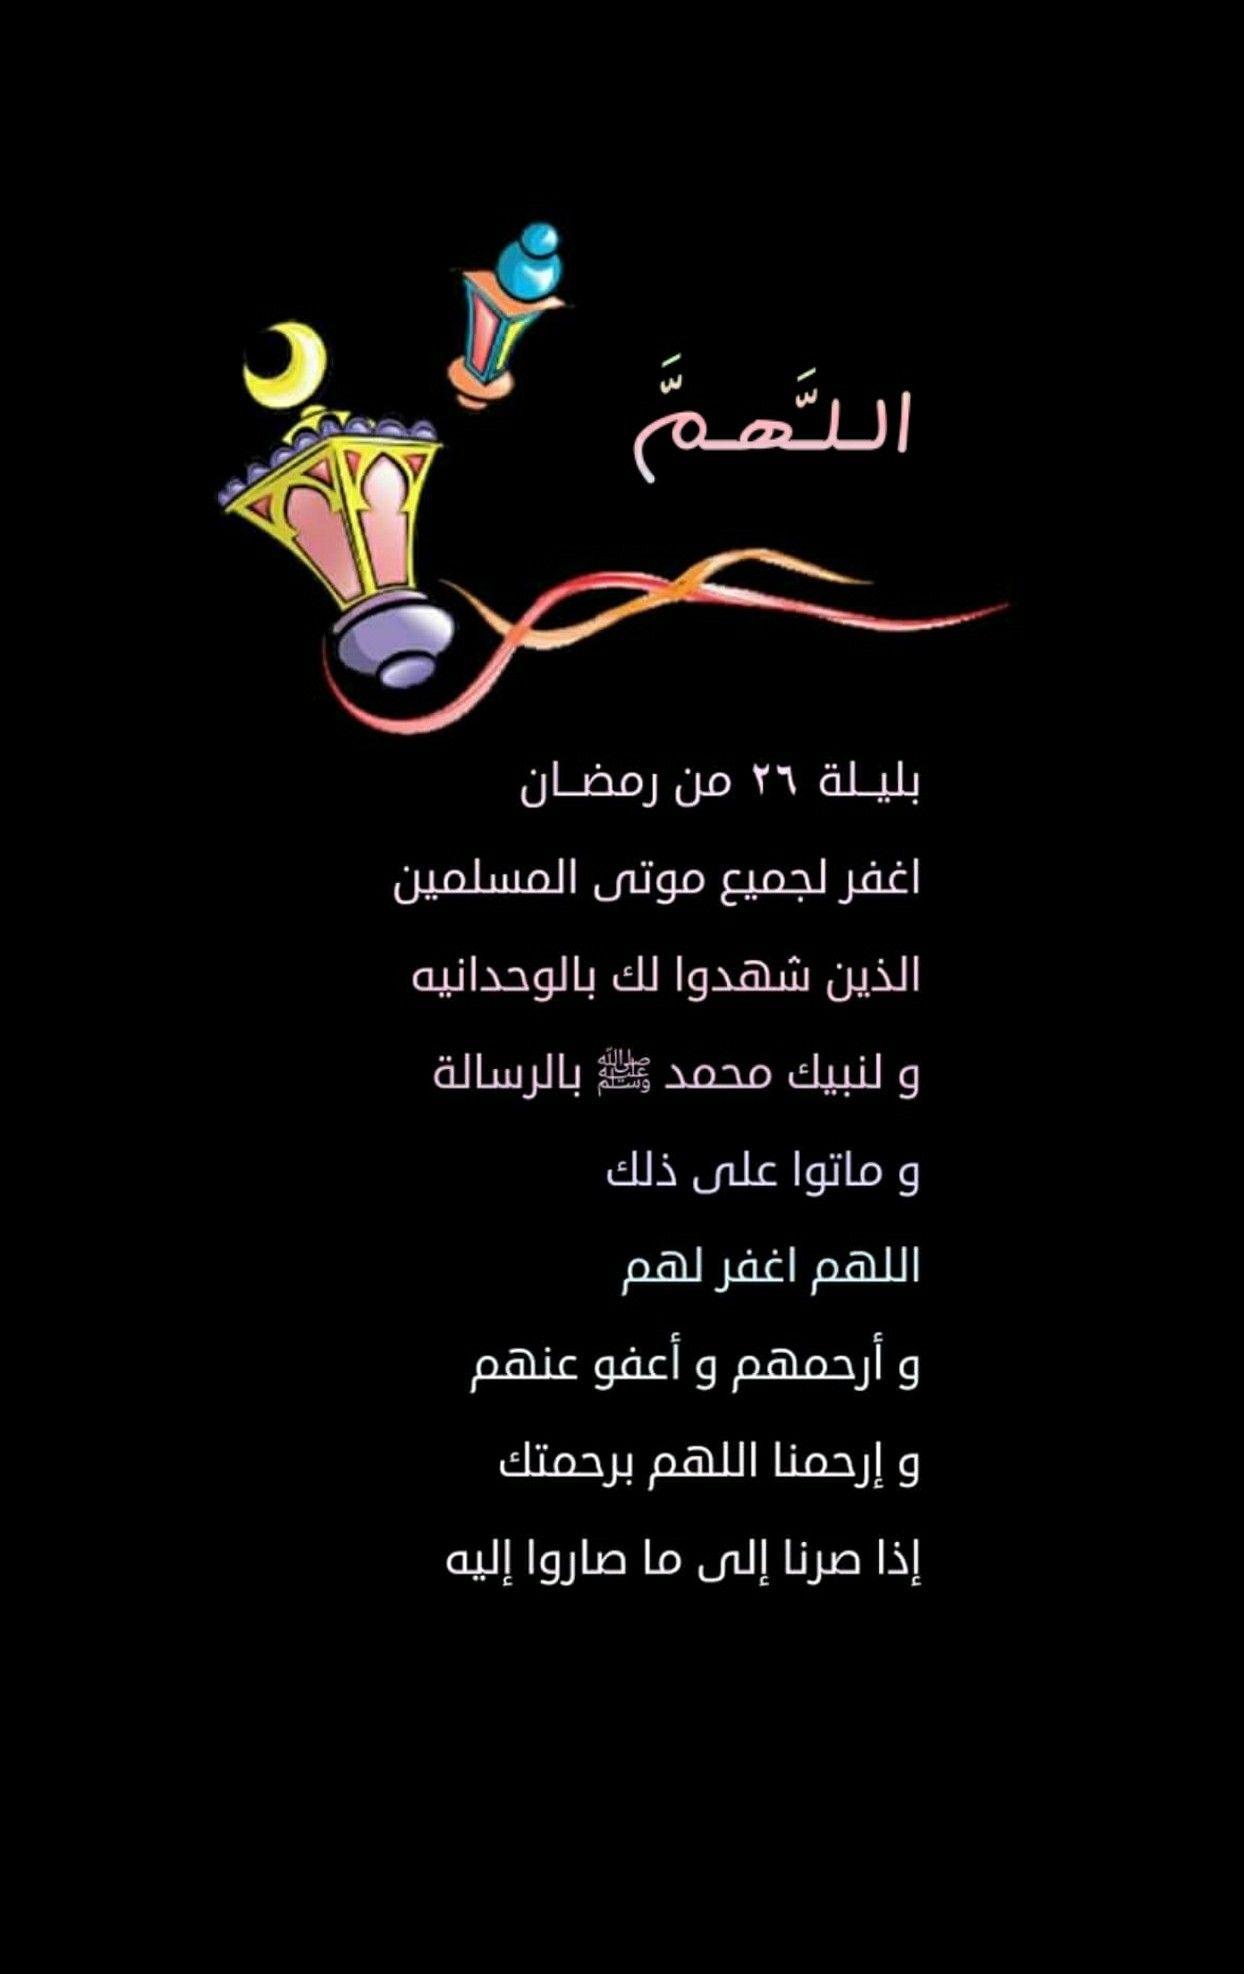 اللهــــم بليــلة ٢٦ من رمضــان اغفر لجميع موتى المسلمين الذين شهدوا لك بالوحدانيه و لنبيك محمد ﷺ بالرسالة Ramadan Quotes Ramadan Prayer Ramadan Greetings